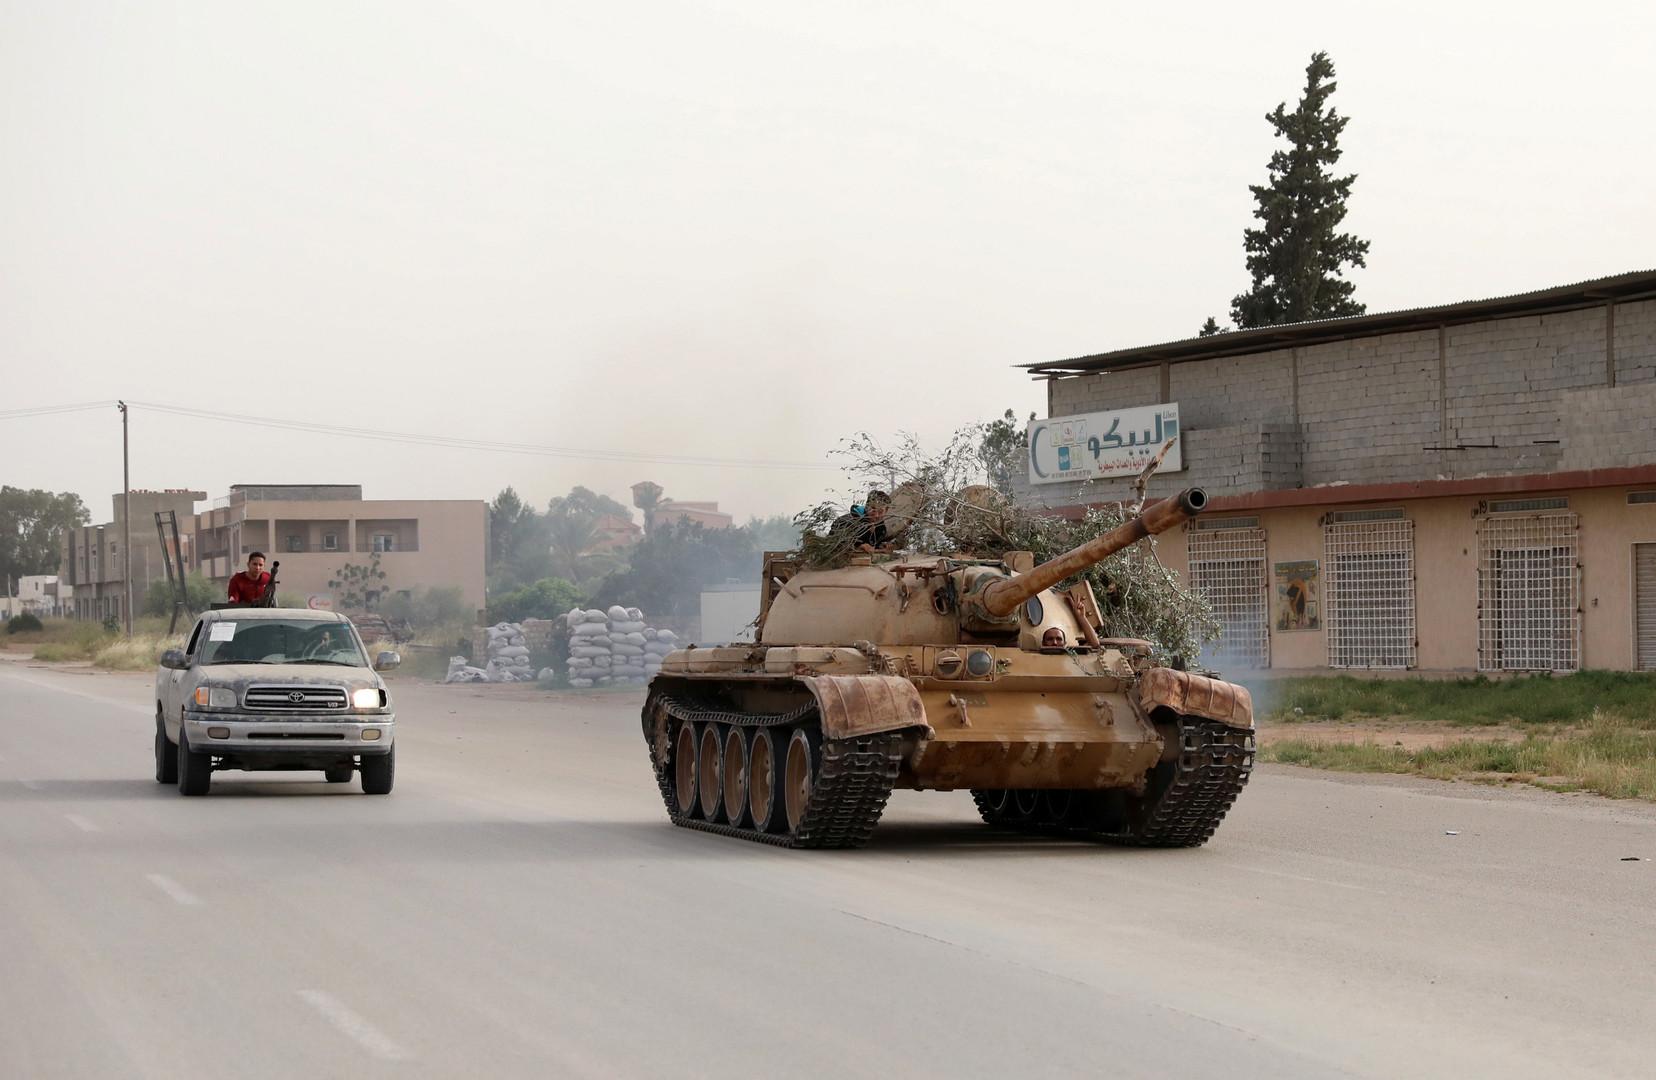 ليبيا.. حرب ضروس وطائرات أشباح!